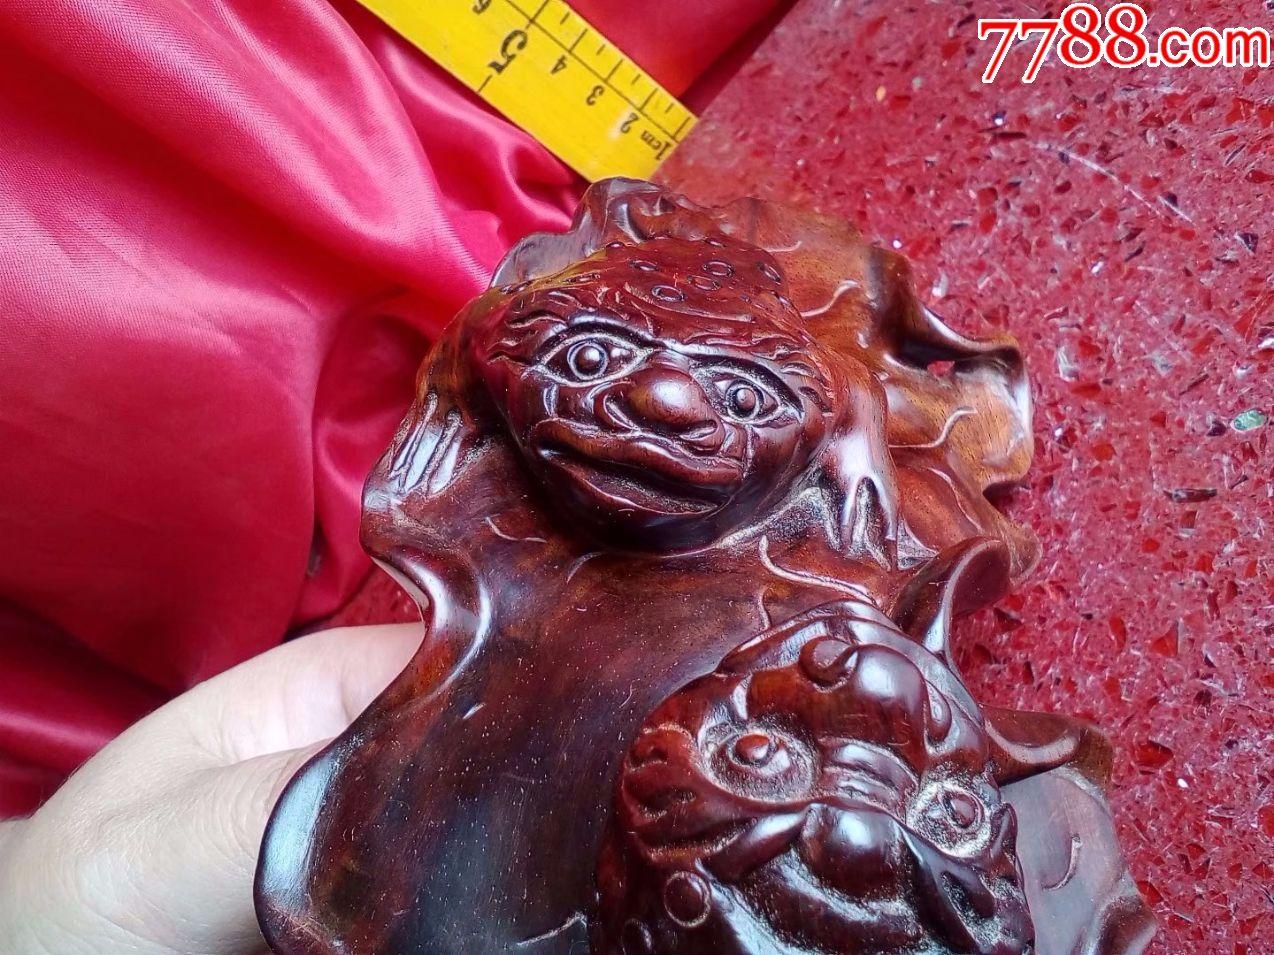 酸枝木红木,纯手工雕刻花鸟动物之招财金蟾两只在荷叶